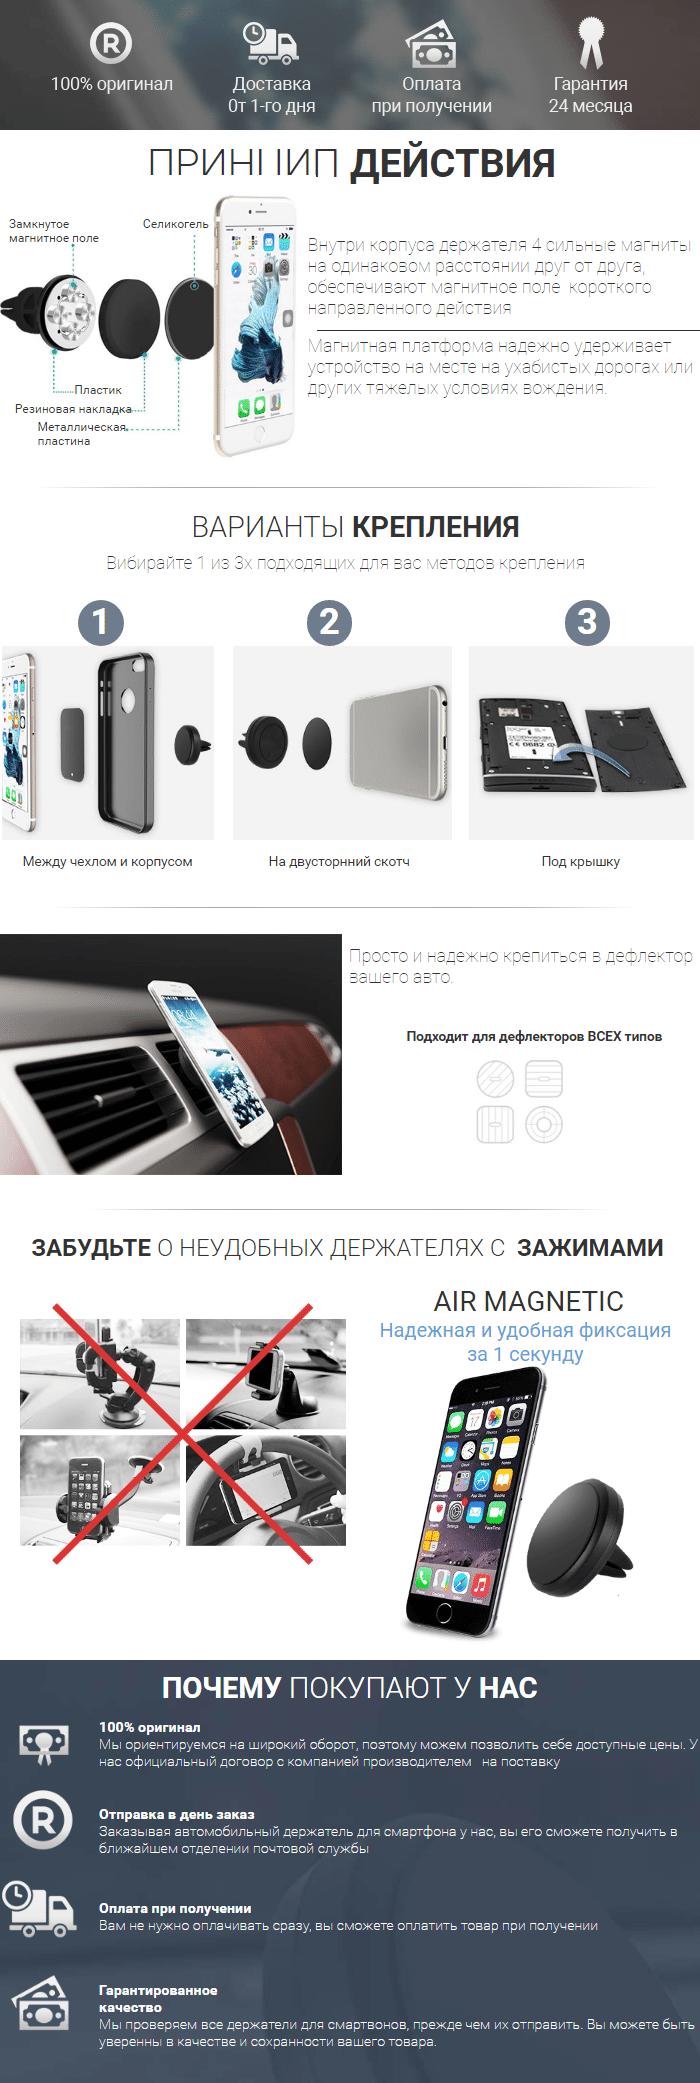 Автомобильный держатель для смартфона Magnetic Air Vent Holder (магнитный) - фото универсальный автомобильный держатель air magnetic купить